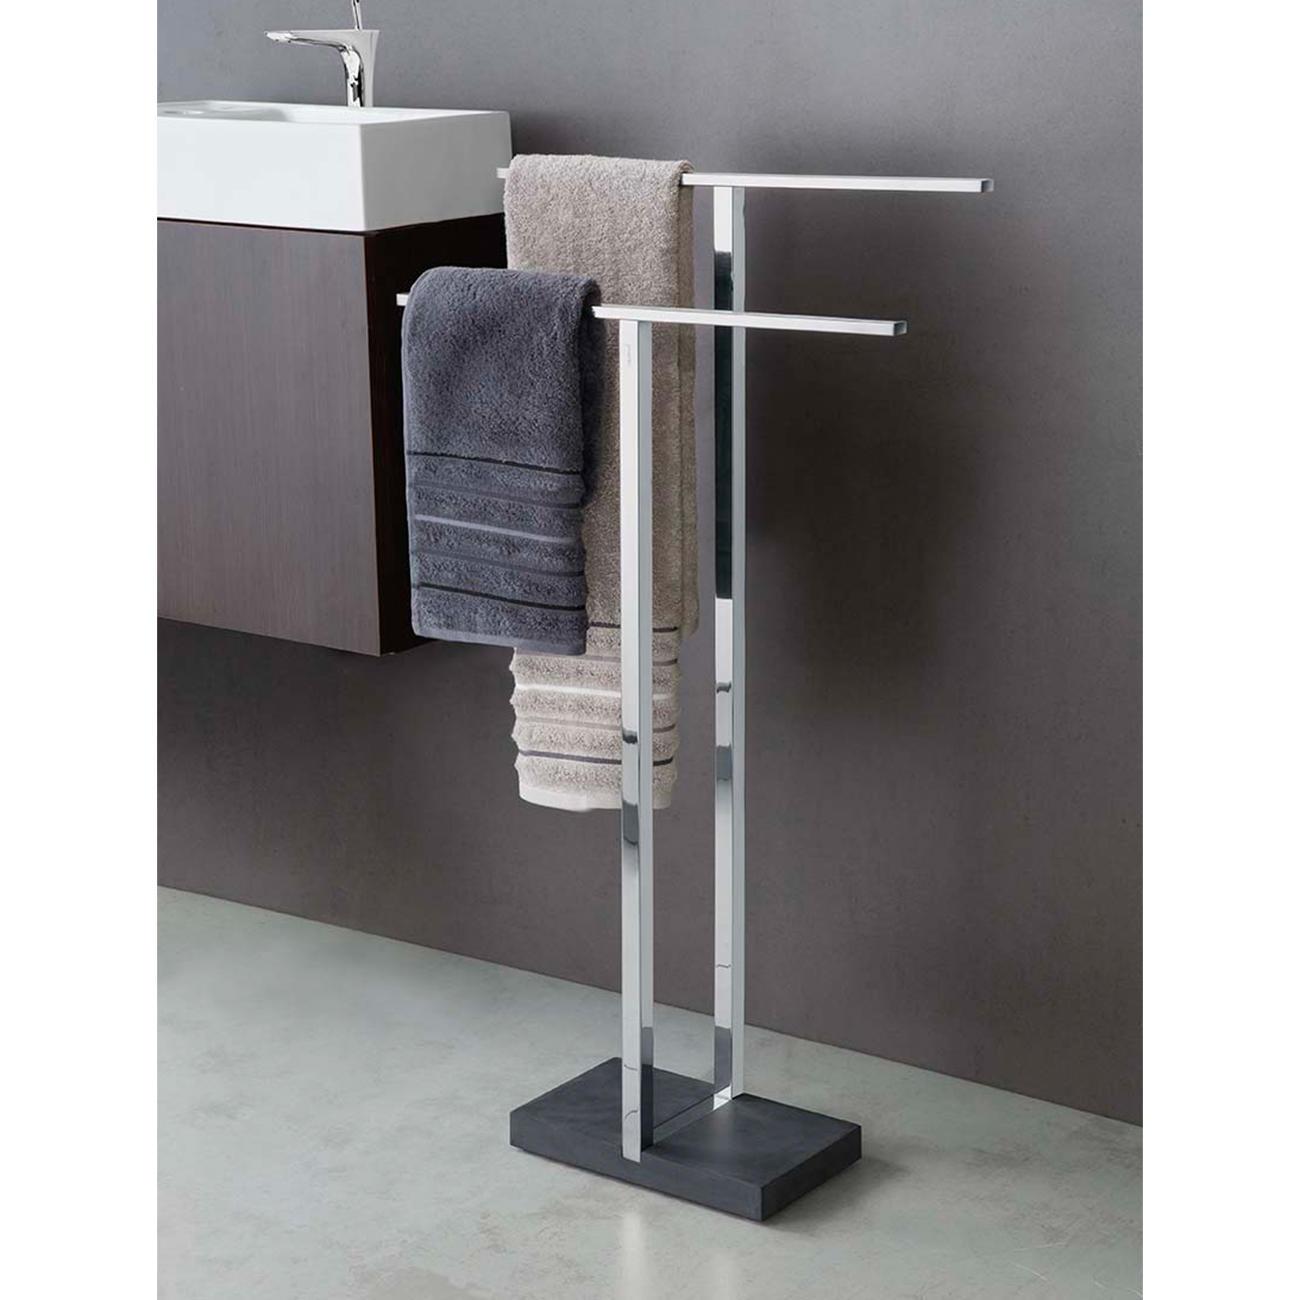 Blomus handtuchhalter menoto edelstahl poliert polystone for Bad wc design